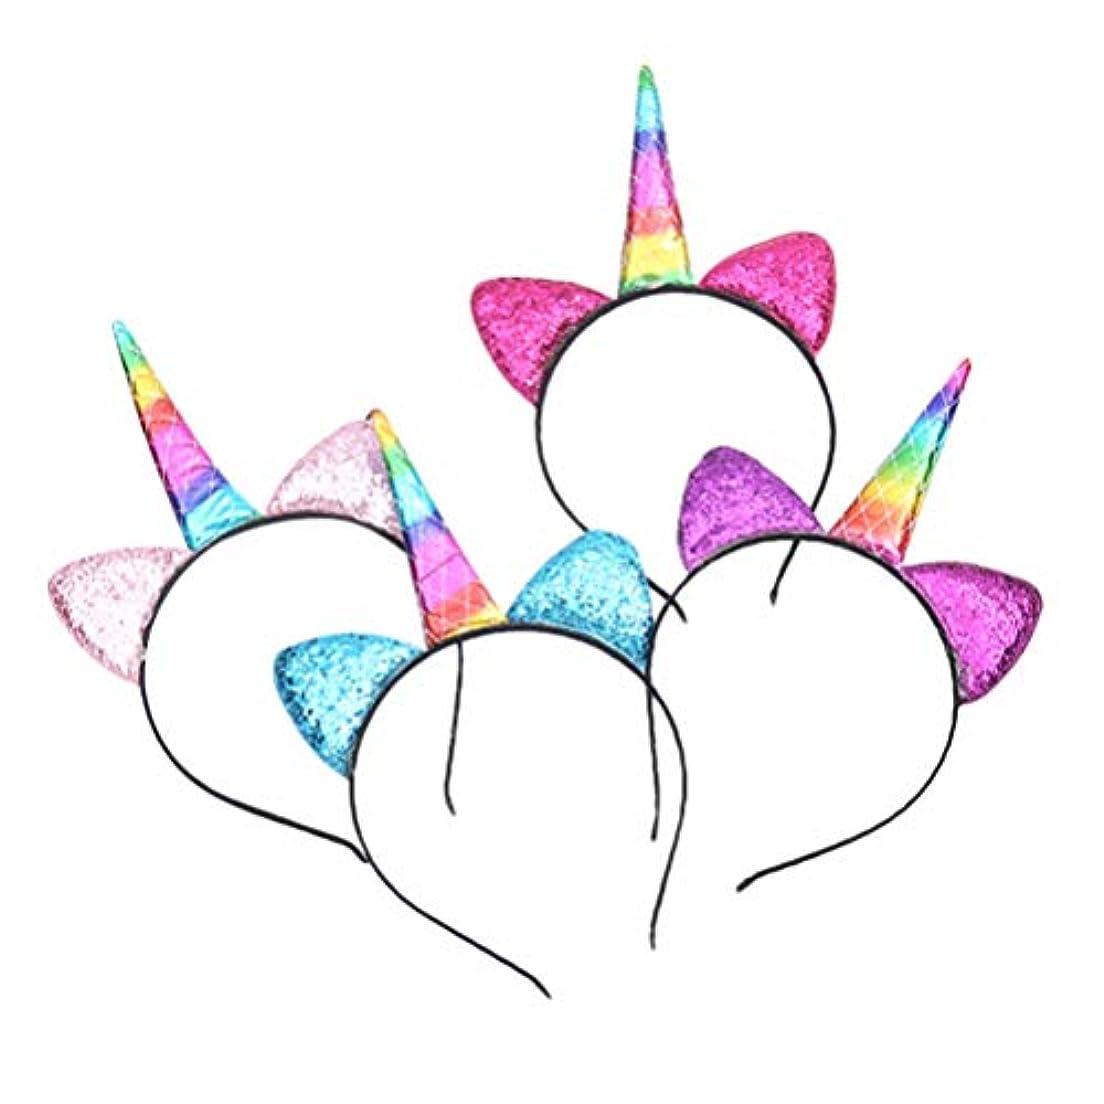 カップ最終的に障害NUOBESTY 女の子女性子供パフォーマンスのコスプレ衣装パーティーのために4本のハロウィンユニコーンヘッドバンド輝くスパンコールホーンヘアフープヘッドピース愛らしい頭飾り